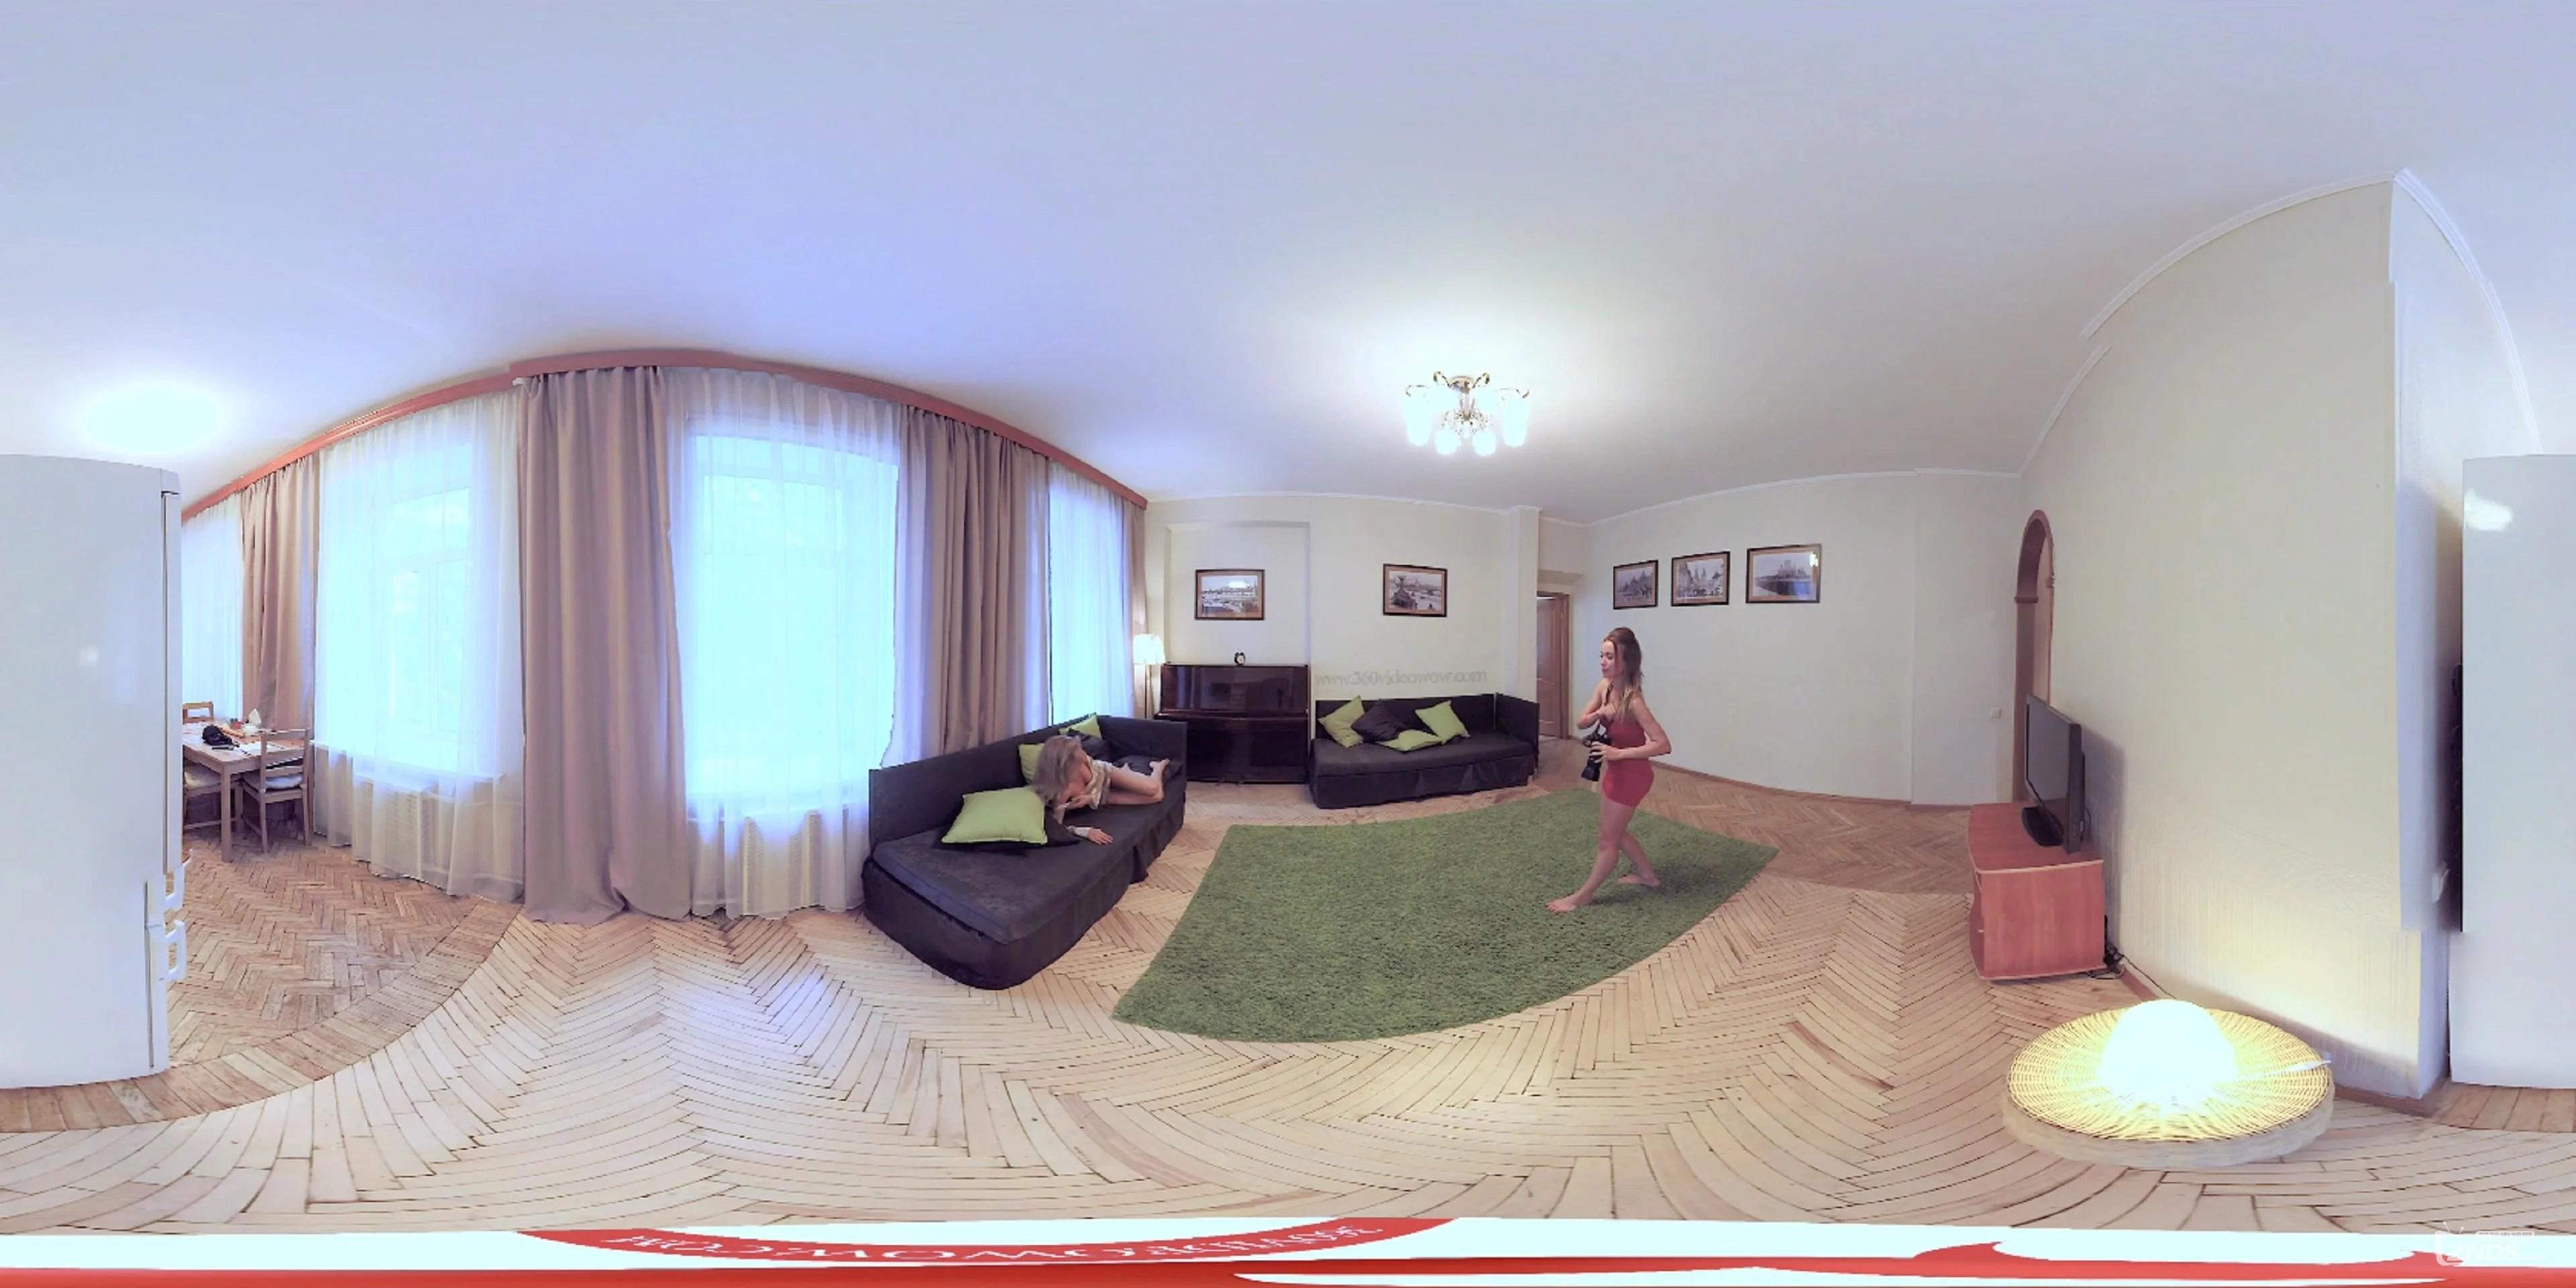 【360度VR全景視頻】怎樣拍出性感照片-360度VR女孩(4K)_VR資源交流_ZNDS